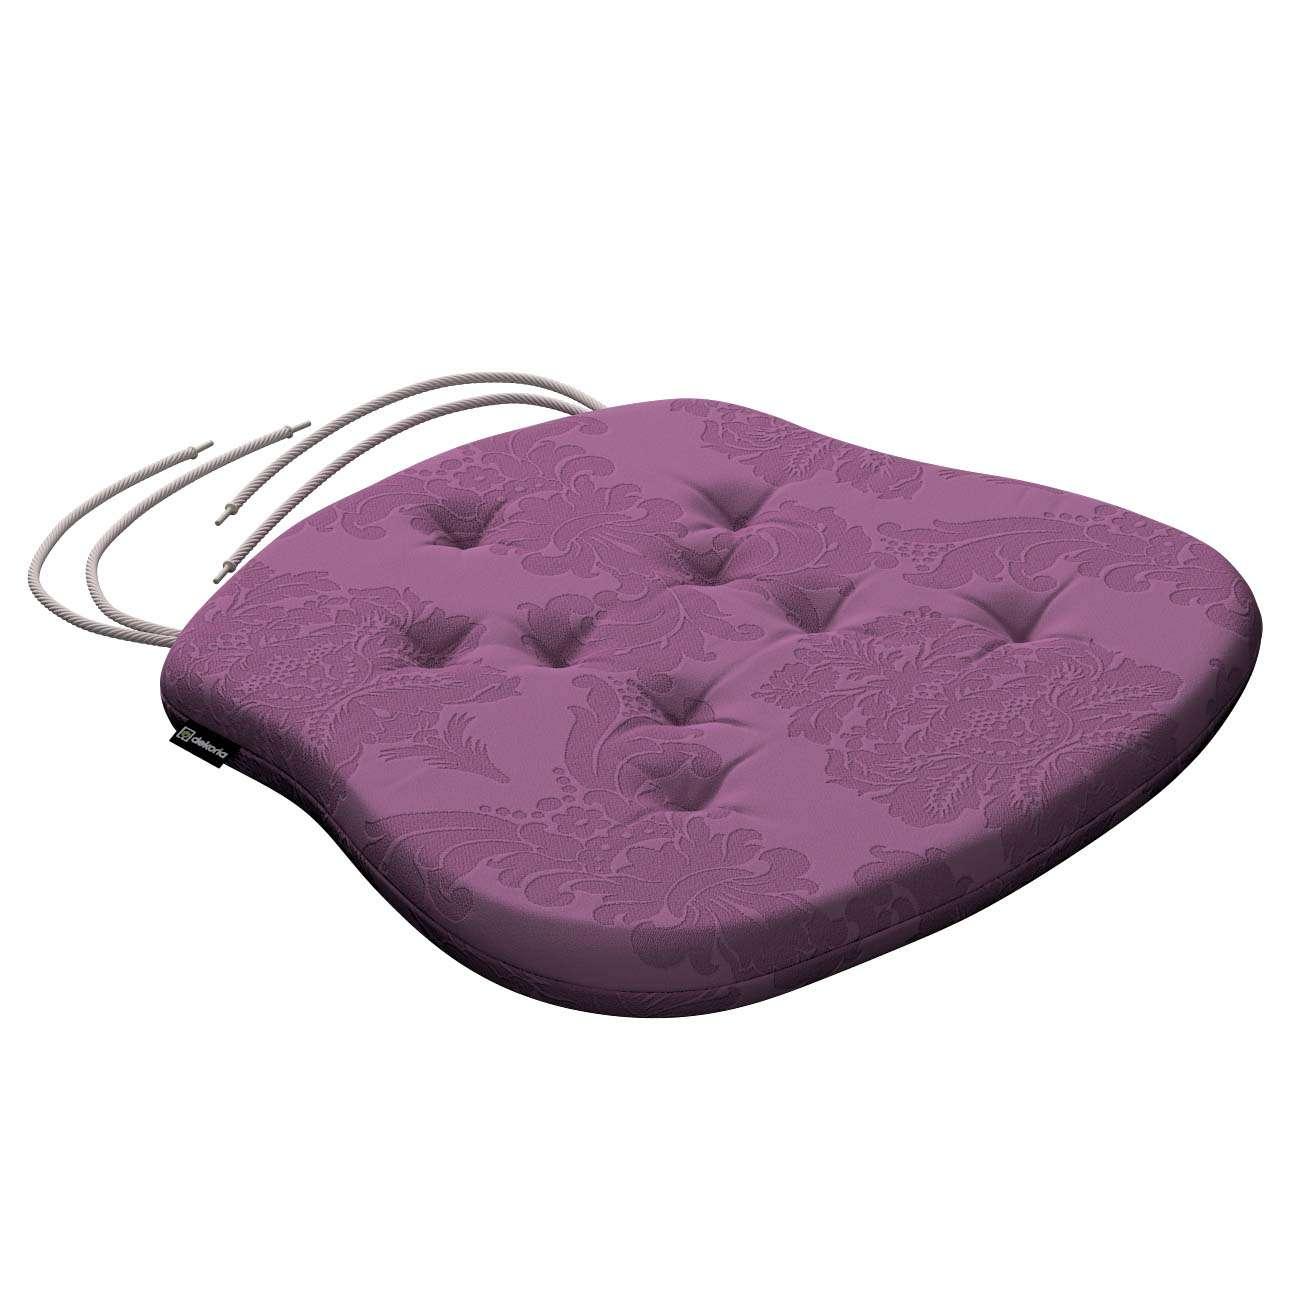 Siedzisko Filip na krzesło 41x38x3,5 cm w kolekcji Damasco, tkanina: 613-75